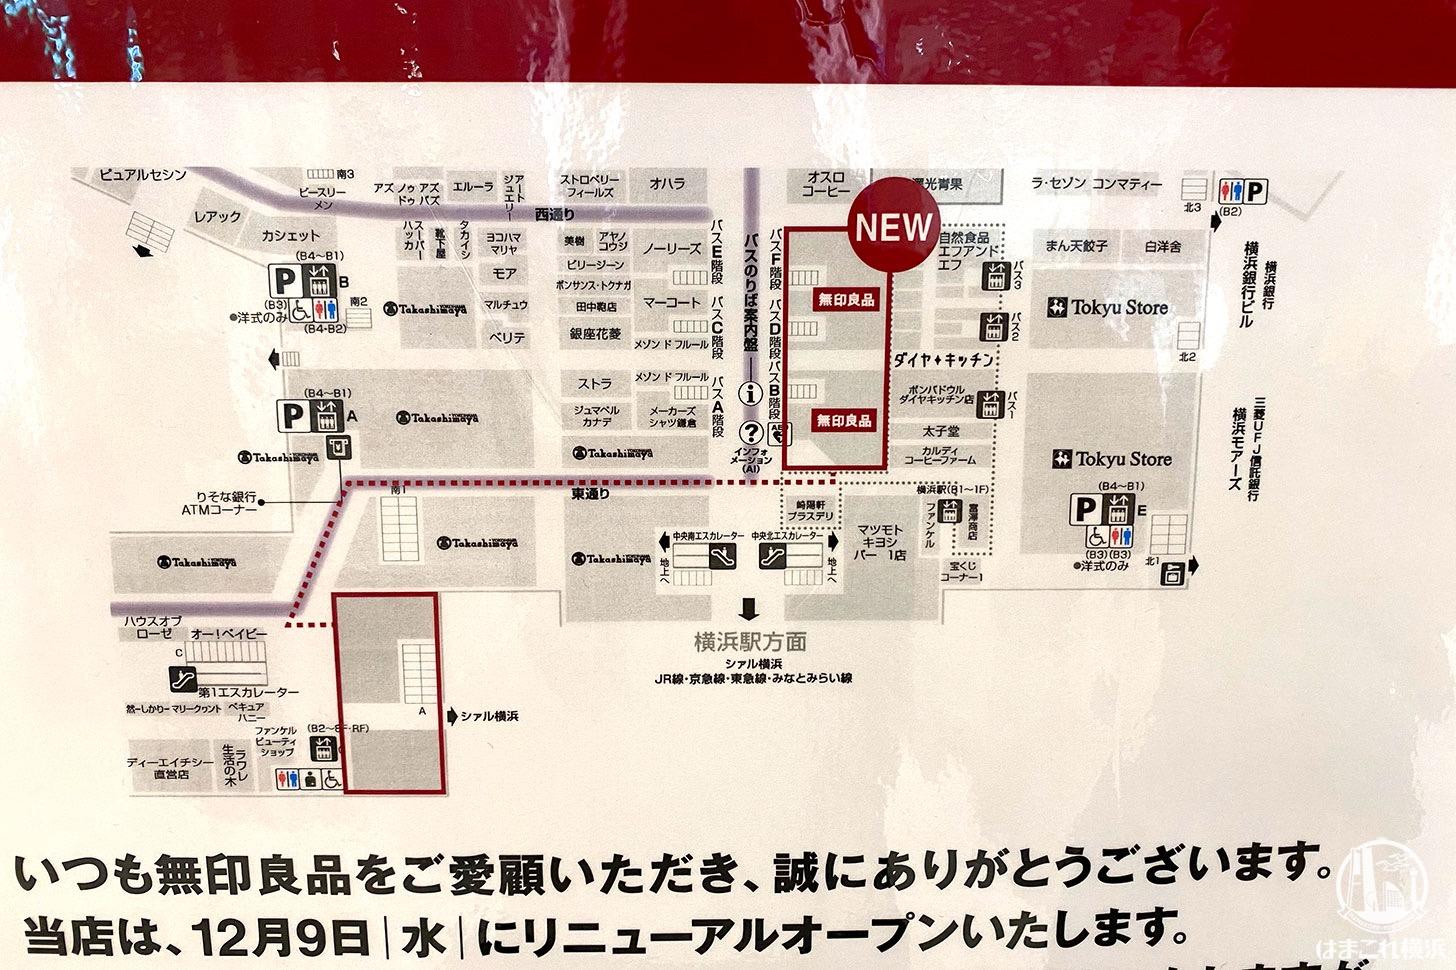 無印良品 横浜ジョイナス 移転先マップ